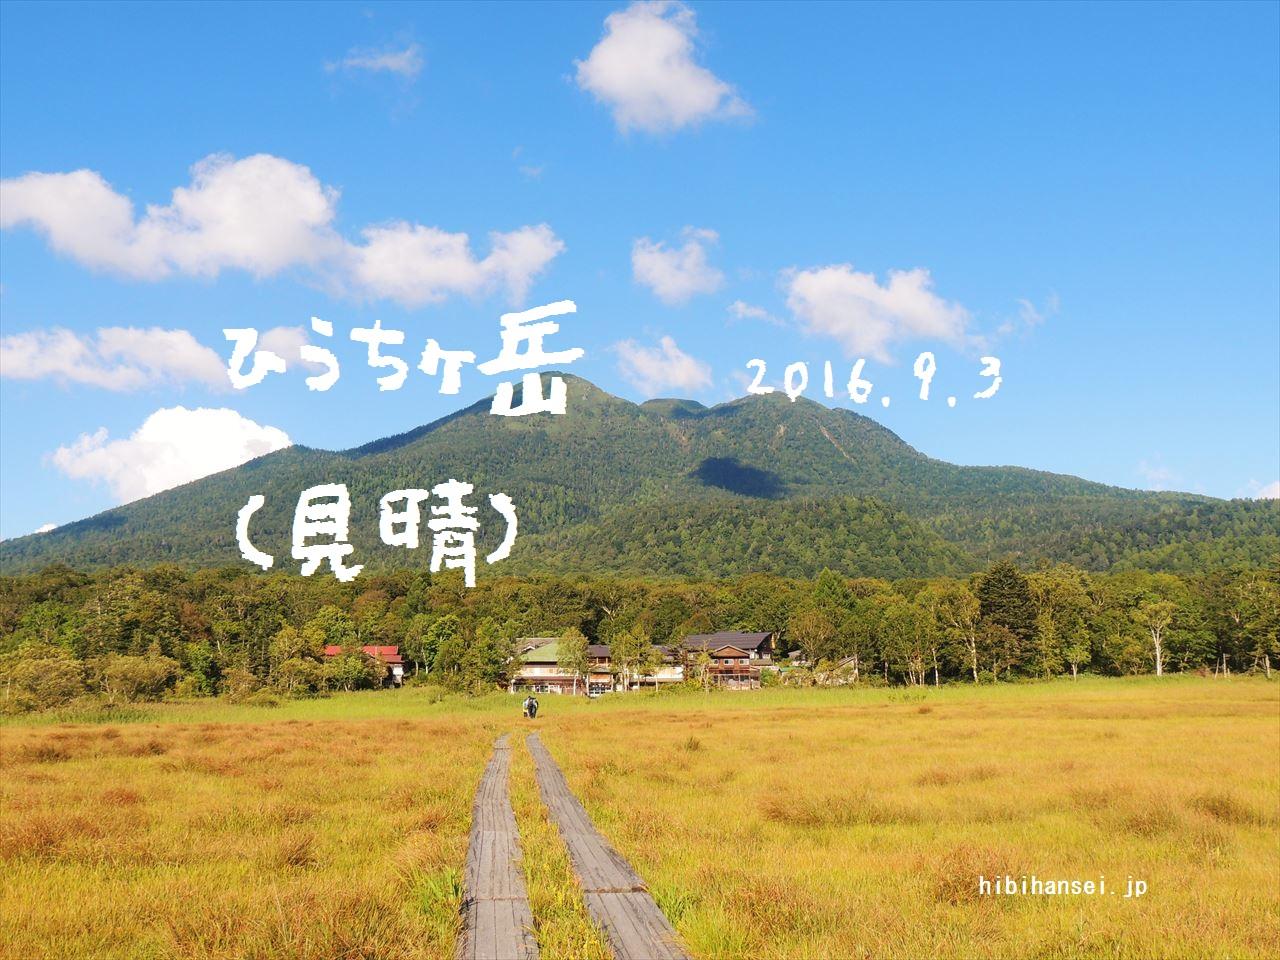 燧ヶ岳 登山(見晴) ちぎれ雲そよぐ尾瀬ヶ原と山人の峰 テント泊(2016.9.3)